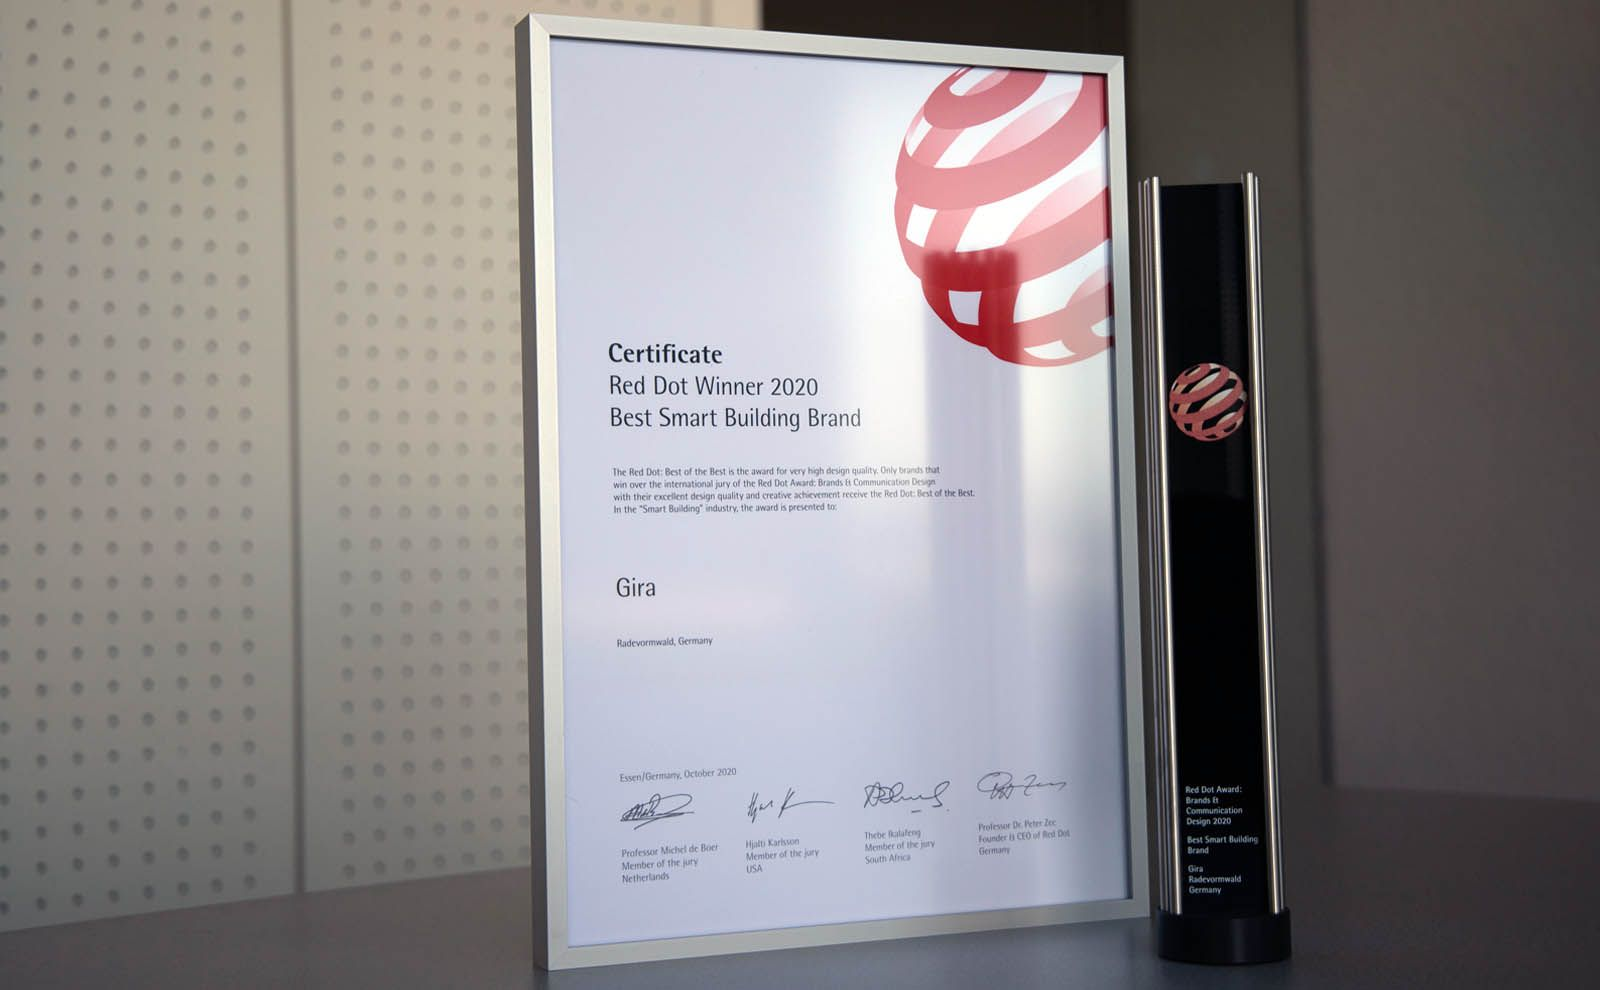 Gira Red Dot Award 2020 Best Smart Home Brand